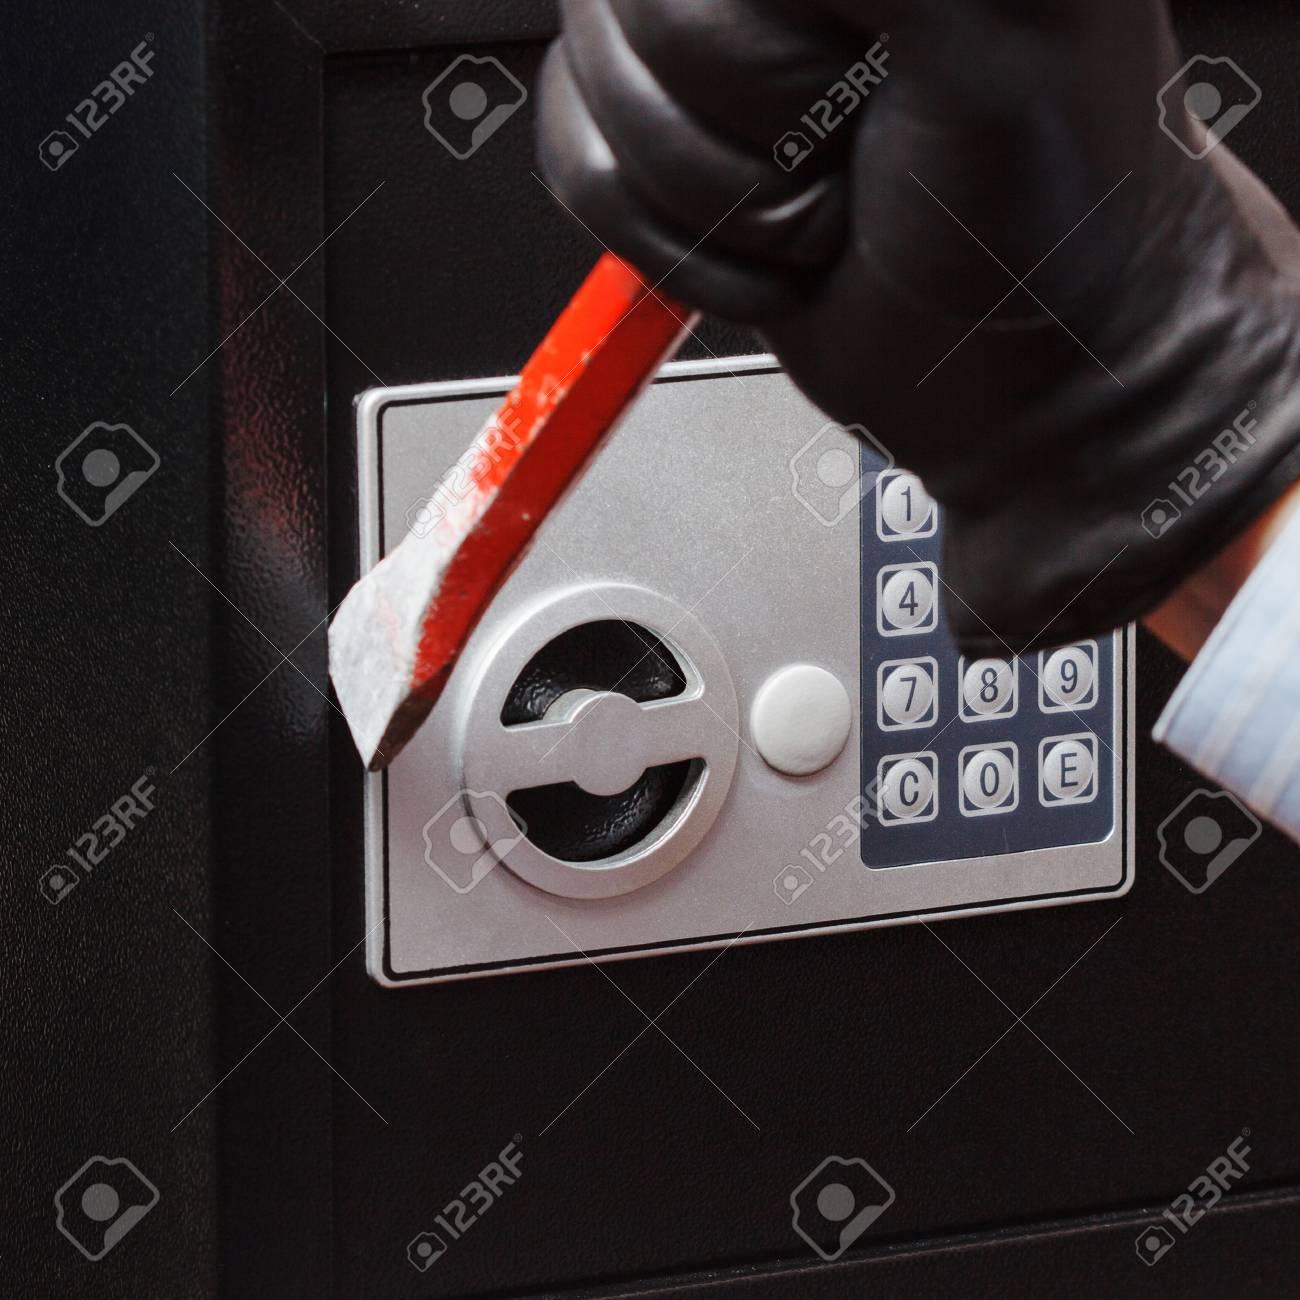 la main de l homme dans une chemise rayee et des gants noirs briser un coffre fort isole sur blanc petite maison ou a l hotel en toute securite banque d images et photos libres de